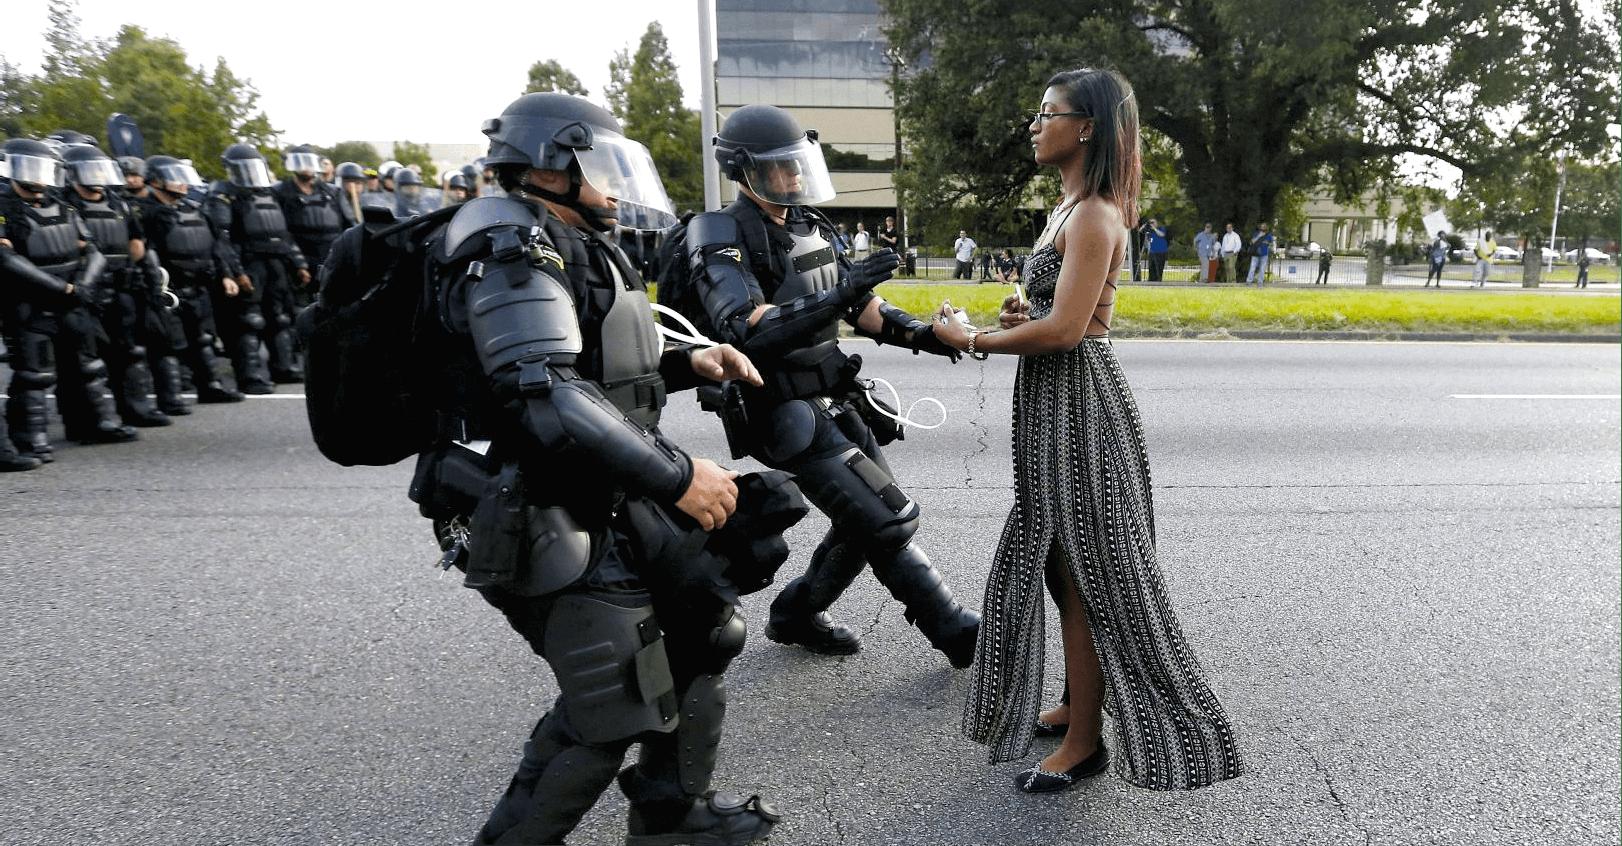 Manifestation pacifiste à Bâton-Rouge aux États-Unis, photographie de Jonathan Bachman prise le 9 juillet 2016.